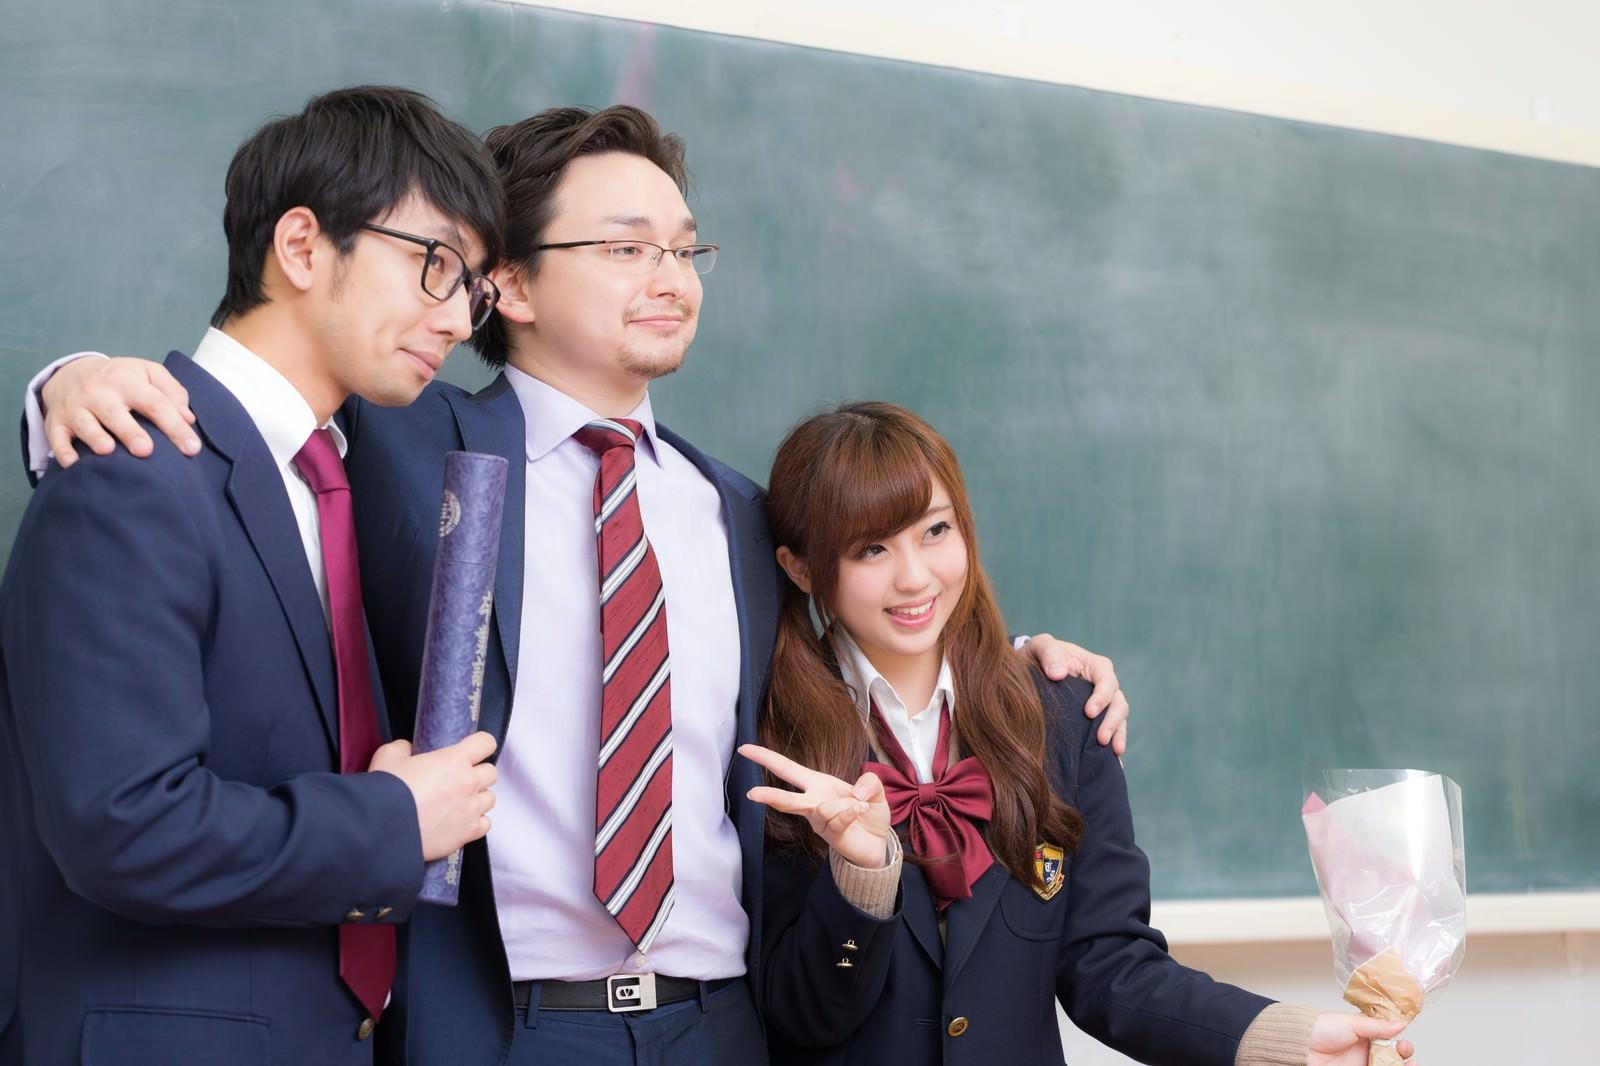 「卒業式の後に記念撮影をする教師と教え子卒業式の後に記念撮影をする教師と教え子」[モデル:大川竜弥 Max_Ezaki 河村友歌]のフリー写真素材を拡大